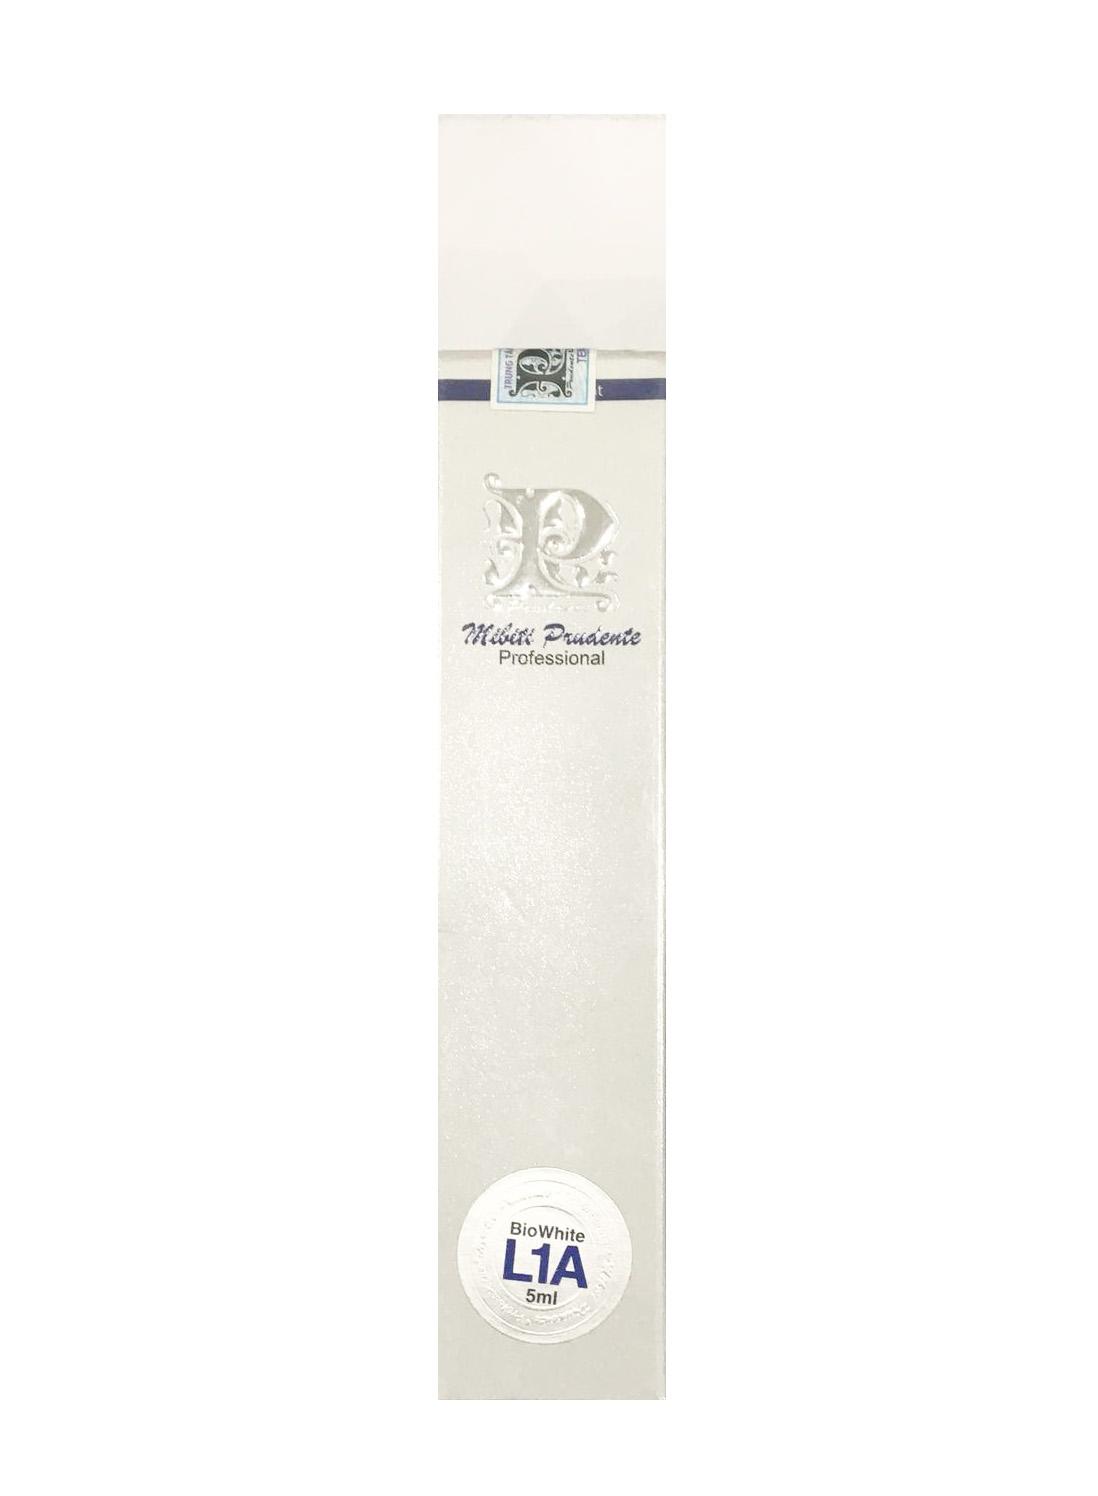 Kem hỗ trợ dưỡng hồng môi Nuwhite L1A